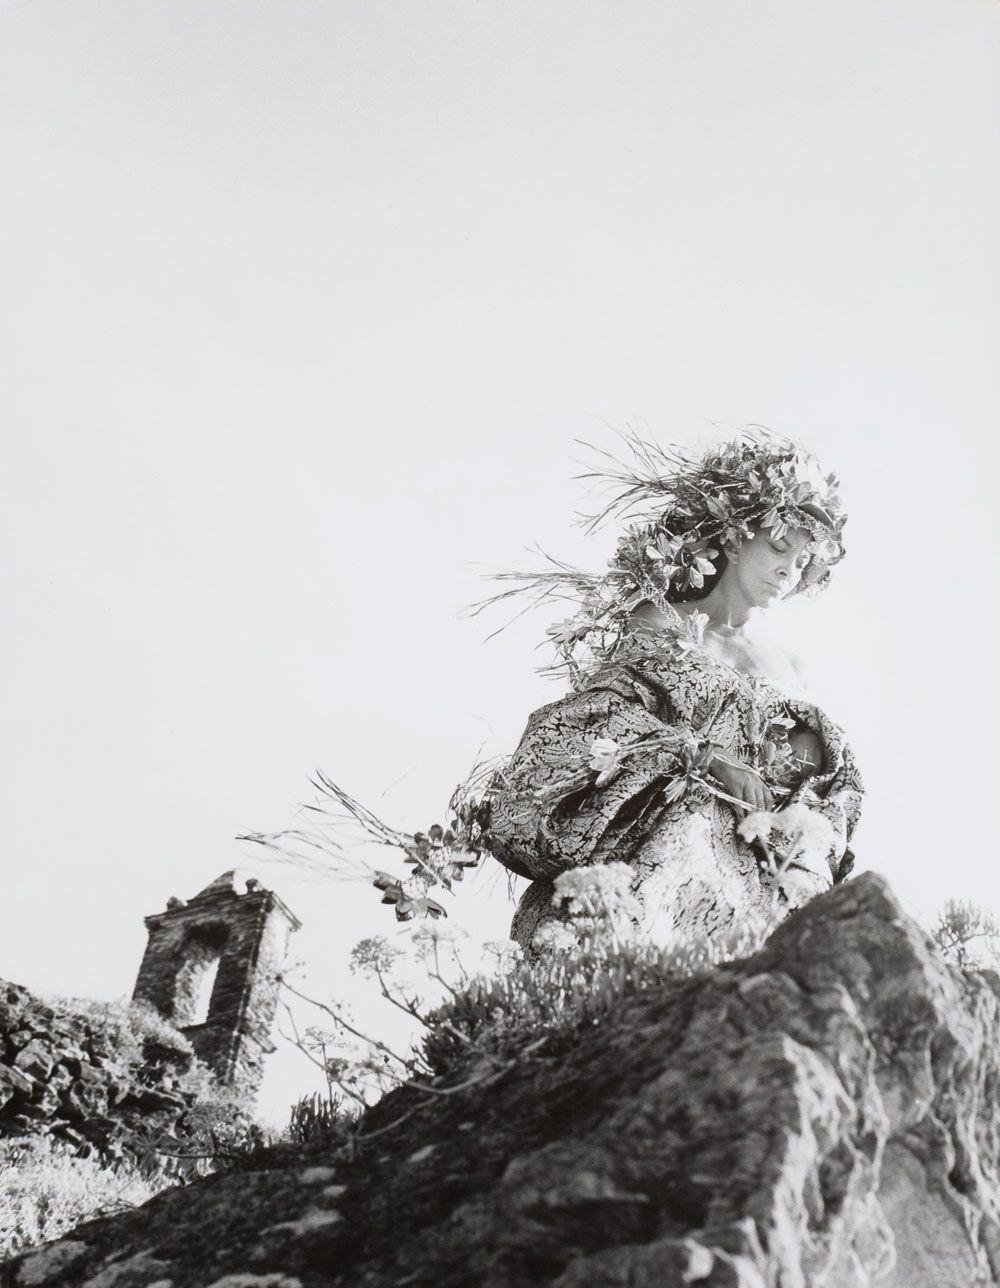 Leonor Fini at the monastery of Nonza, Corse, 1965, photography by Eddy Brofferio